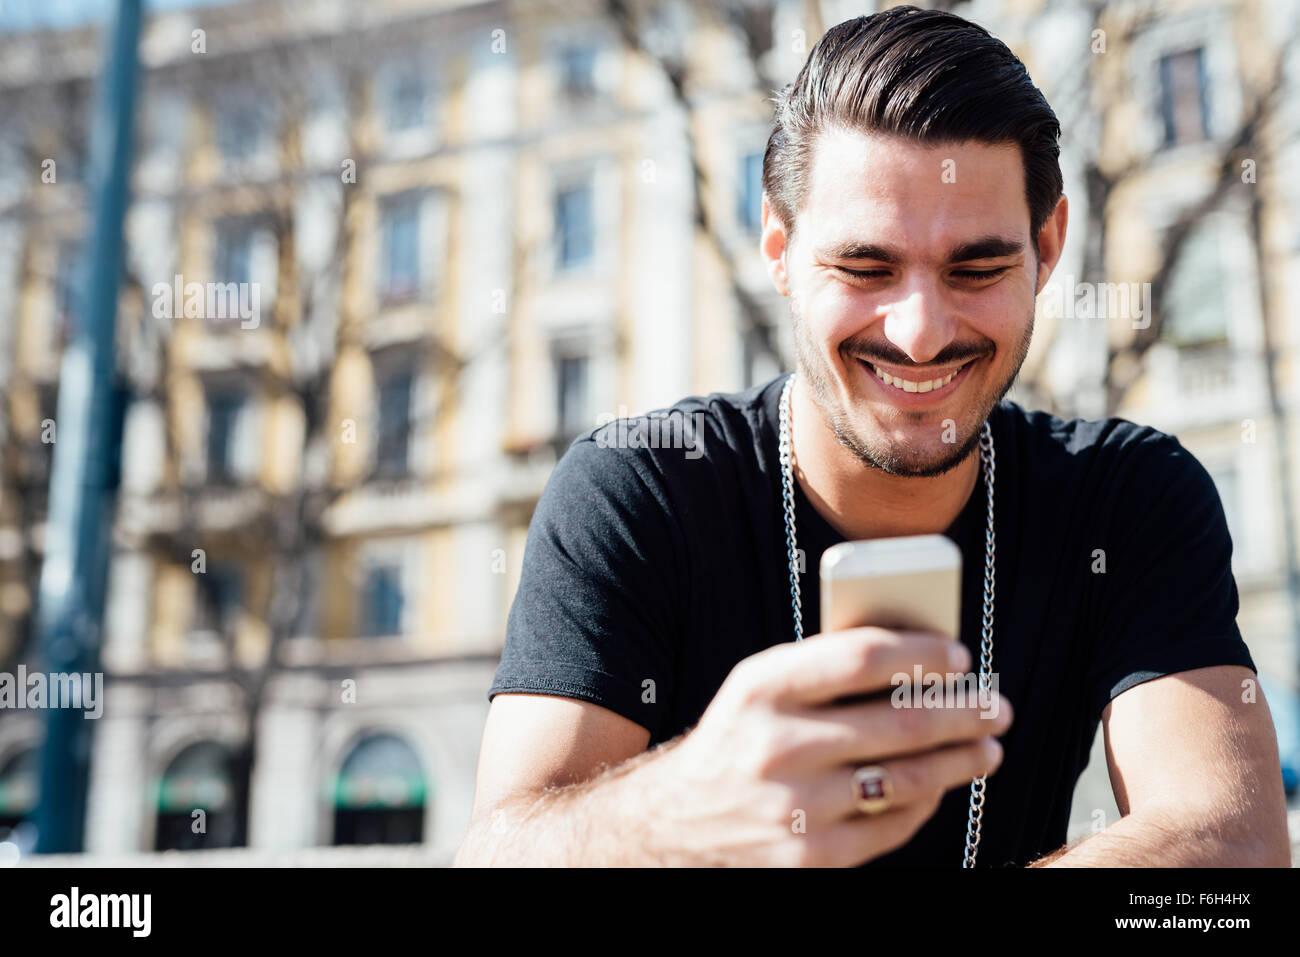 Ritratto di un giovane bello ragazzo italiano utilizzando uno smartphone connesso online, guardando verso il basso Immagini Stock